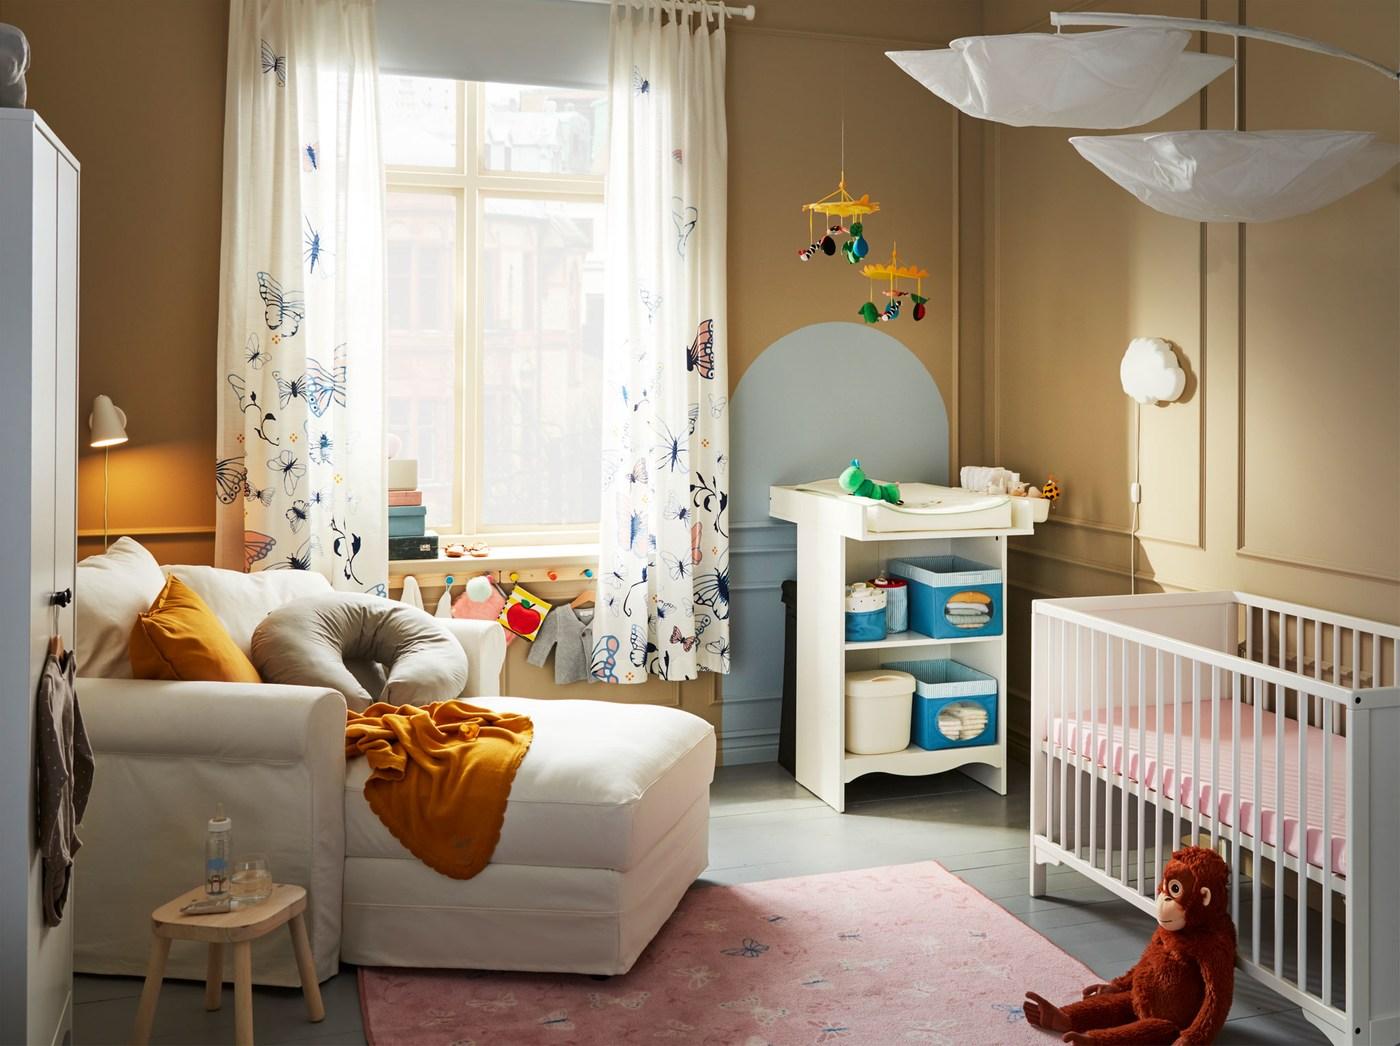 この快適なベビールームは、赤ちゃんに必要なものがすべてそろっています。快適さも、実用面も。イケアのGRÖNLID/グローンリードは、リラックスしながら授乳したり赤ちゃんをあやすのにぴったりな場所。NÖJSAM/ノイサム バスケット&ボックスは、SOLGUL/ソルグル おむつ替え台でのおむつ替えのときに便利です。